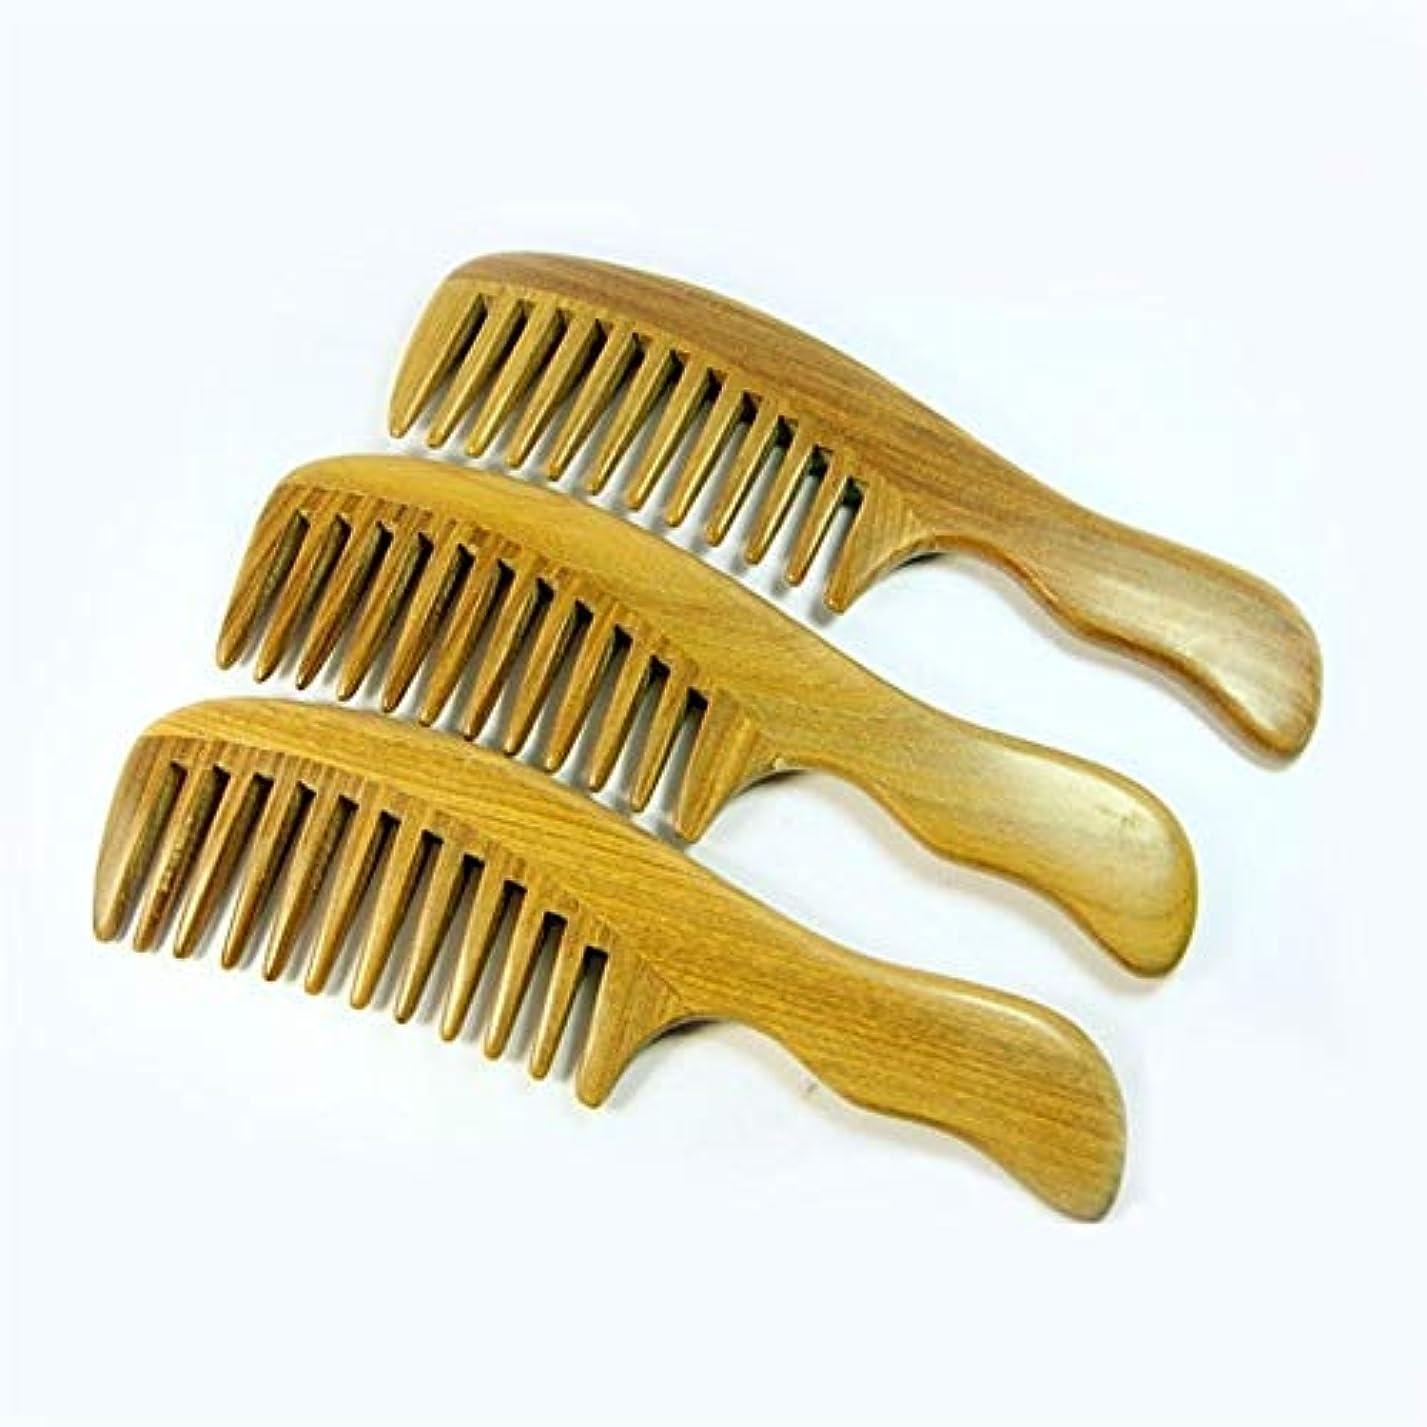 コットンふけるグラムGuomao 緑のビャクダンの櫛の広い歯のもつれを広げるための広がる毛の櫛 (Size : 20*5cm)